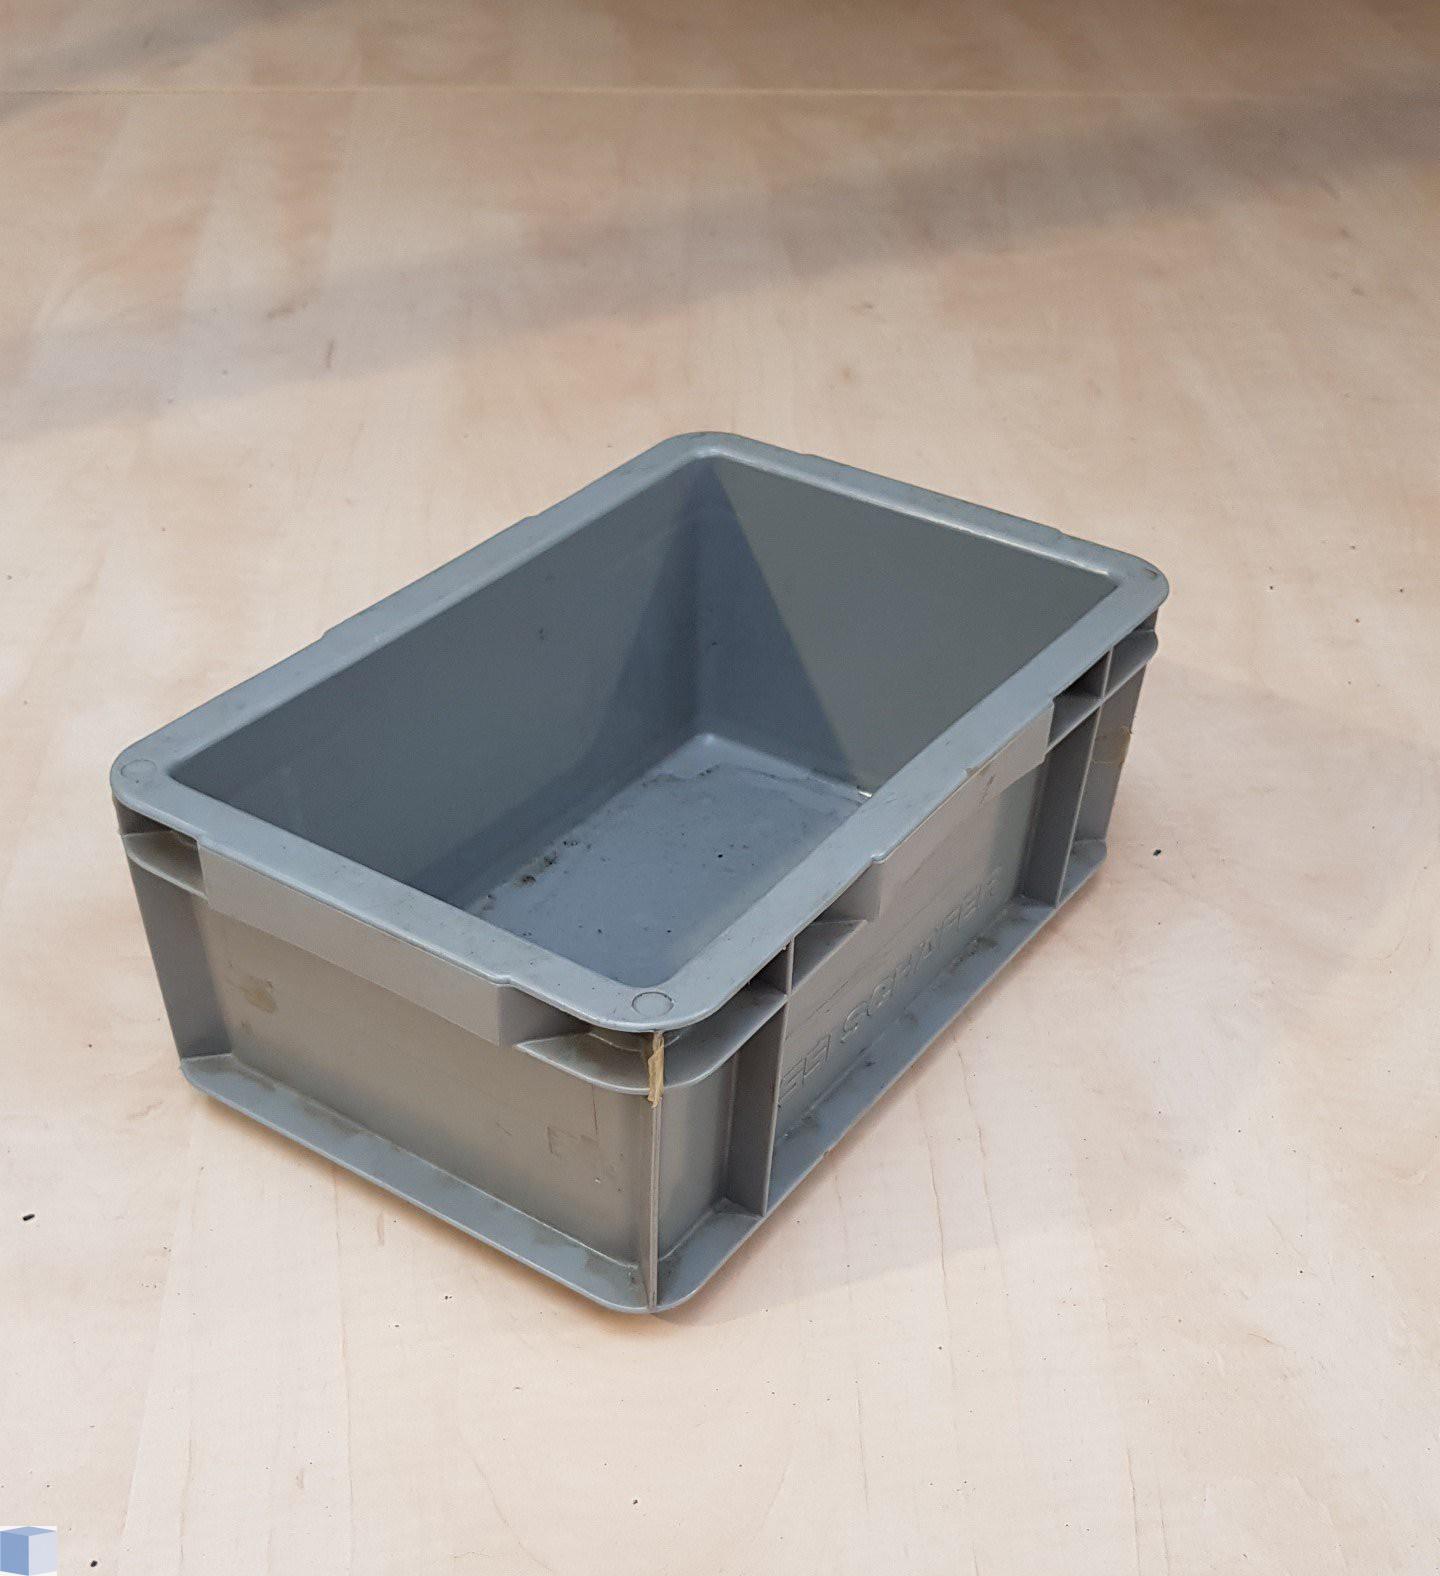 Kunststof transportbak 300x200x115mm. grijs, stapelbaar